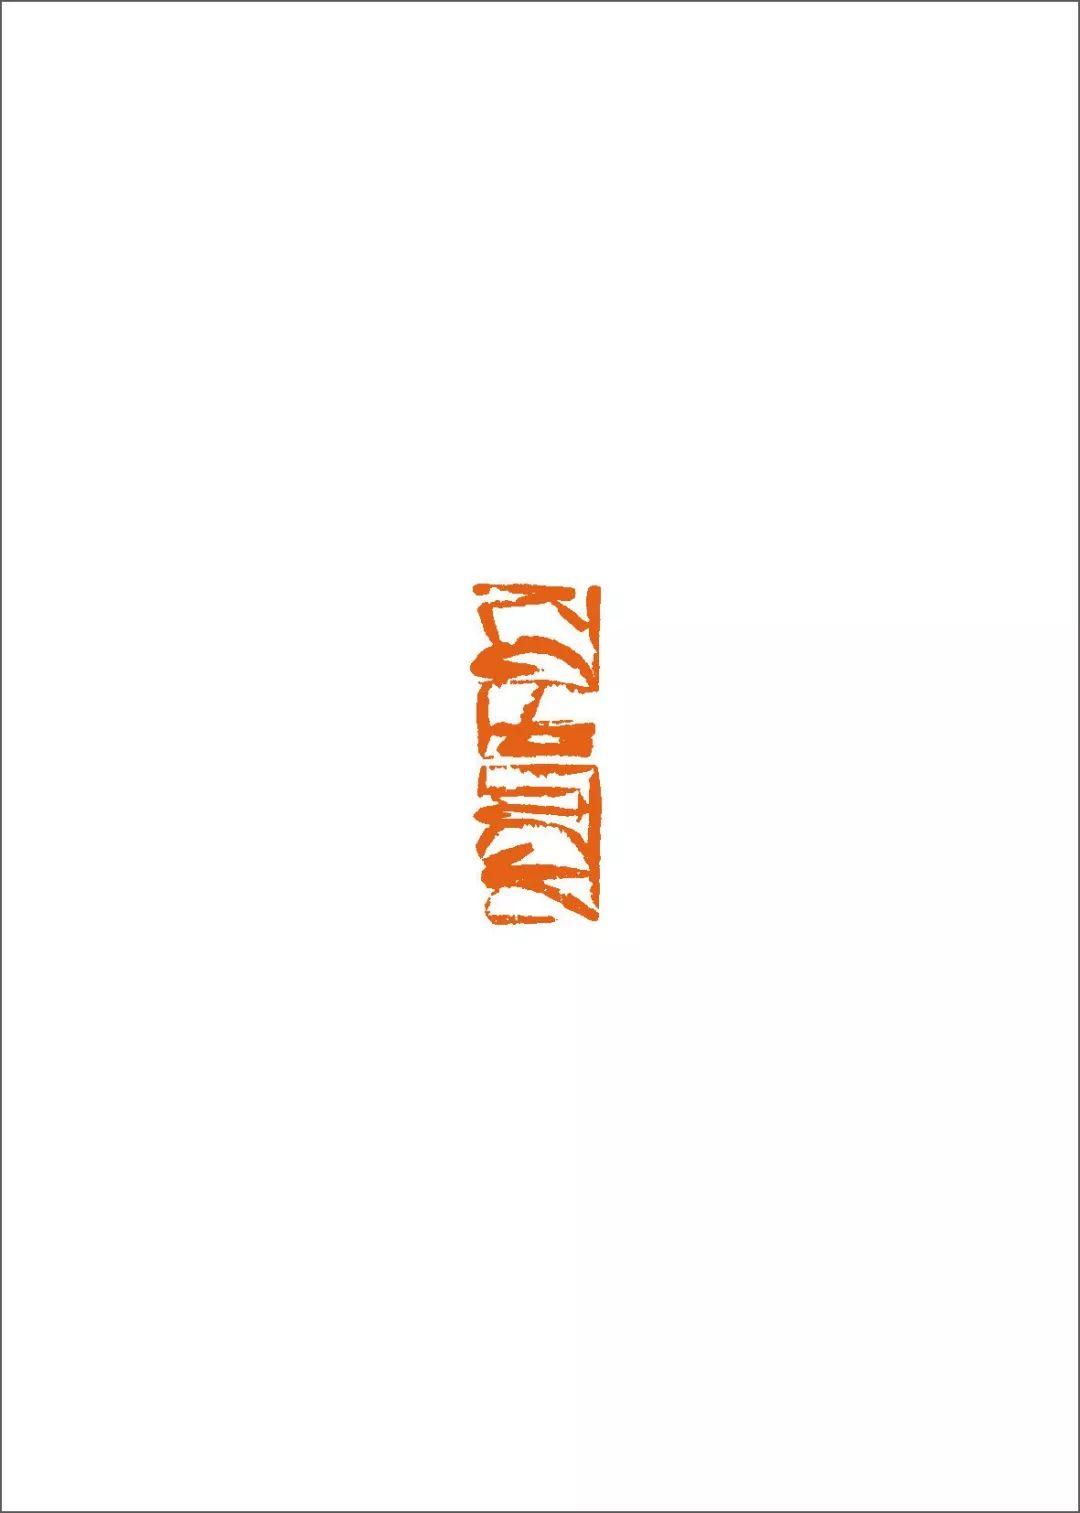 篆刻丛谈:八思巴文篆刻原石赏析 第54张